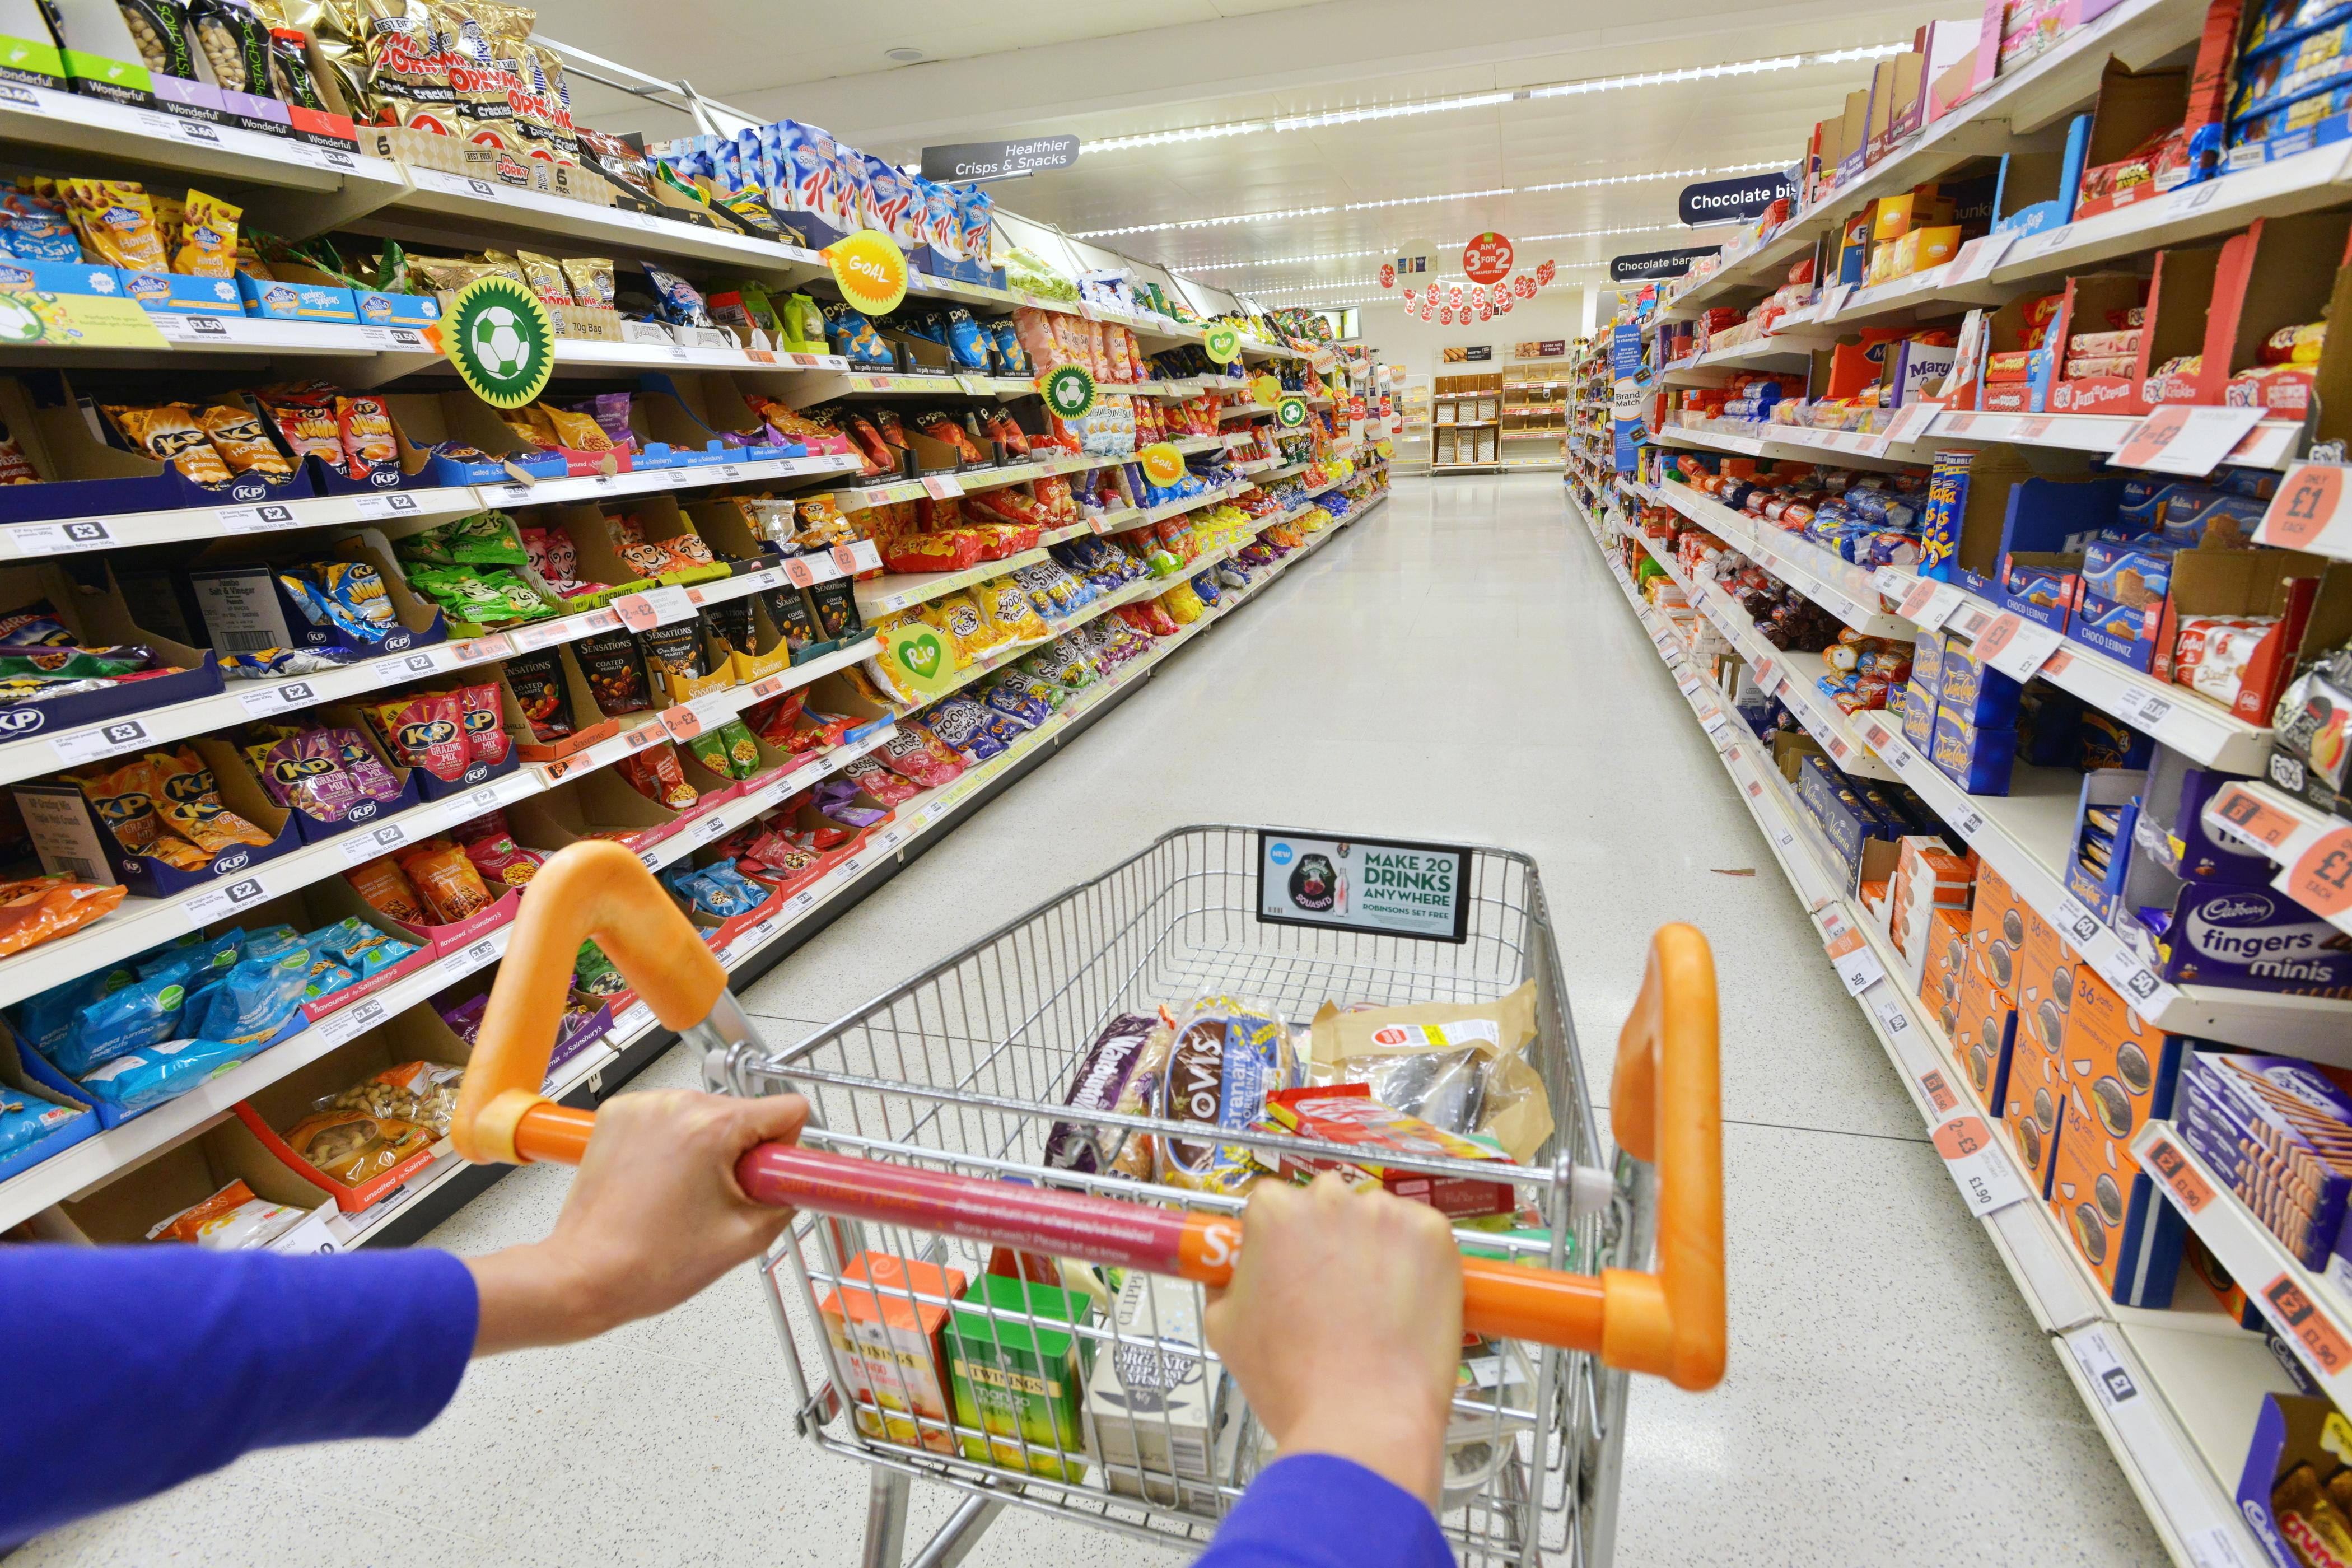 The perfect store is een winkelconcept dat inspeelt op belevingswereld!